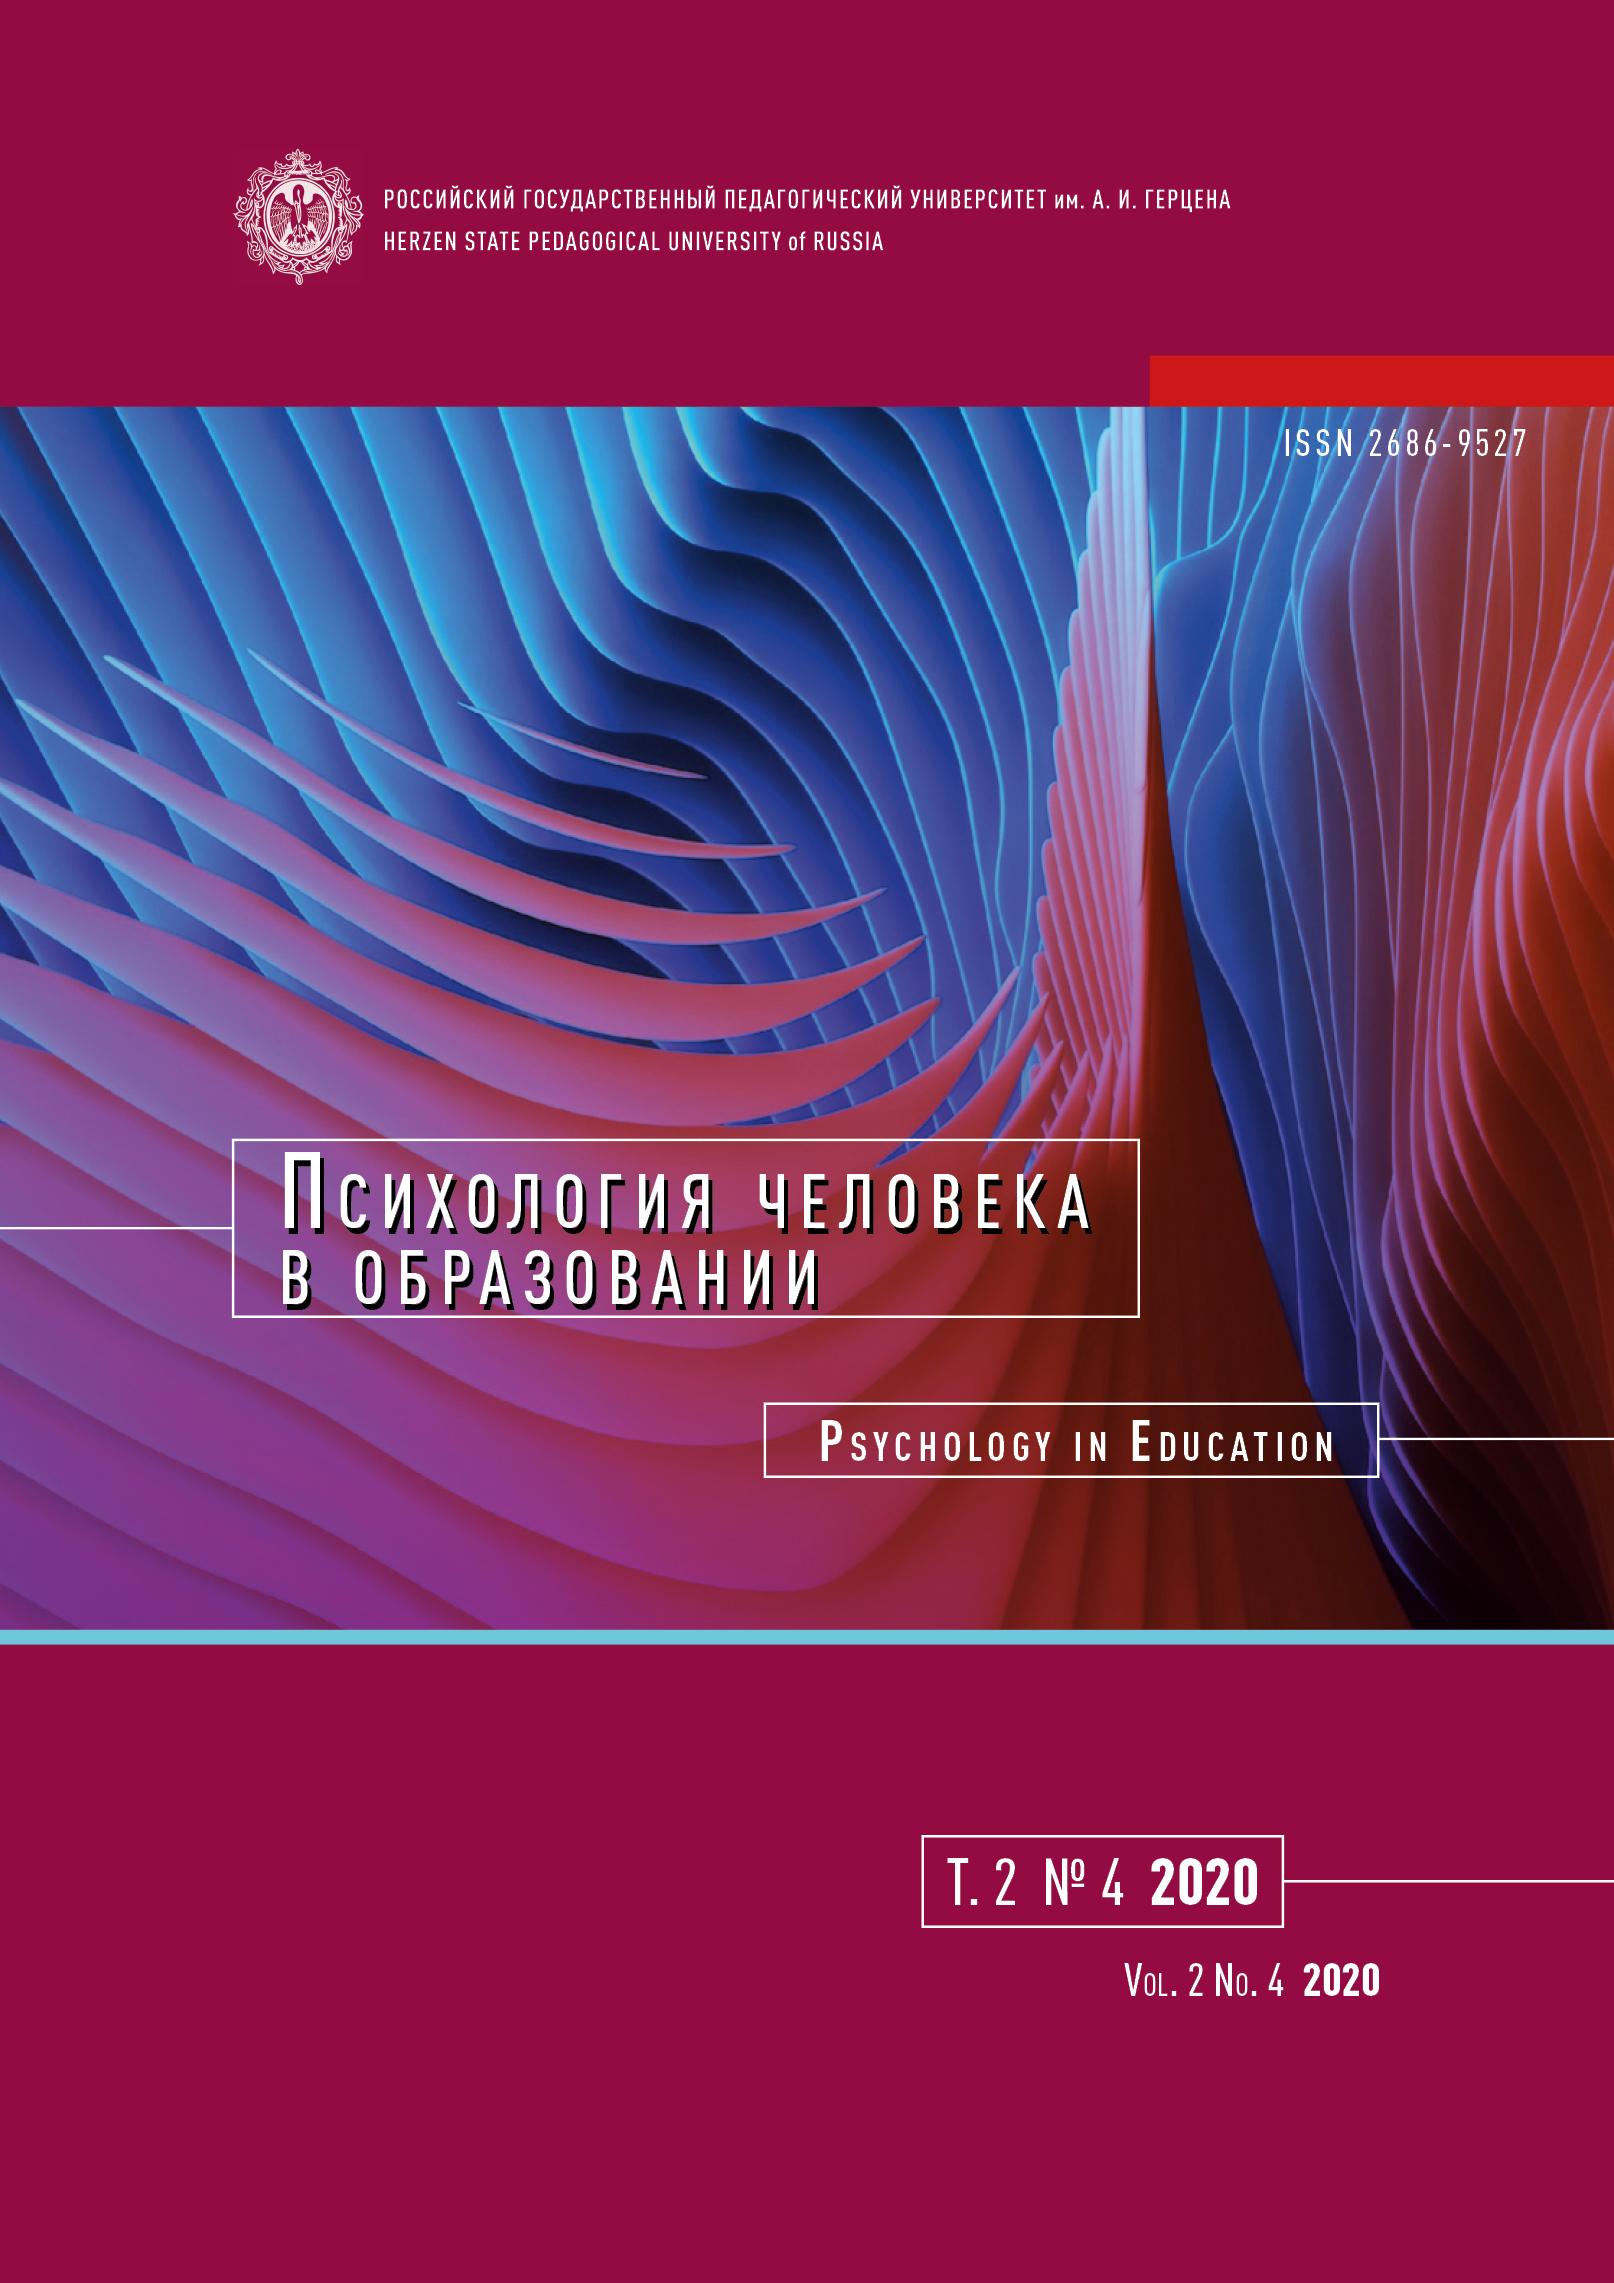 """Обложка журнала """"Психология человека в образовании"""" (т. 2, № 4)"""